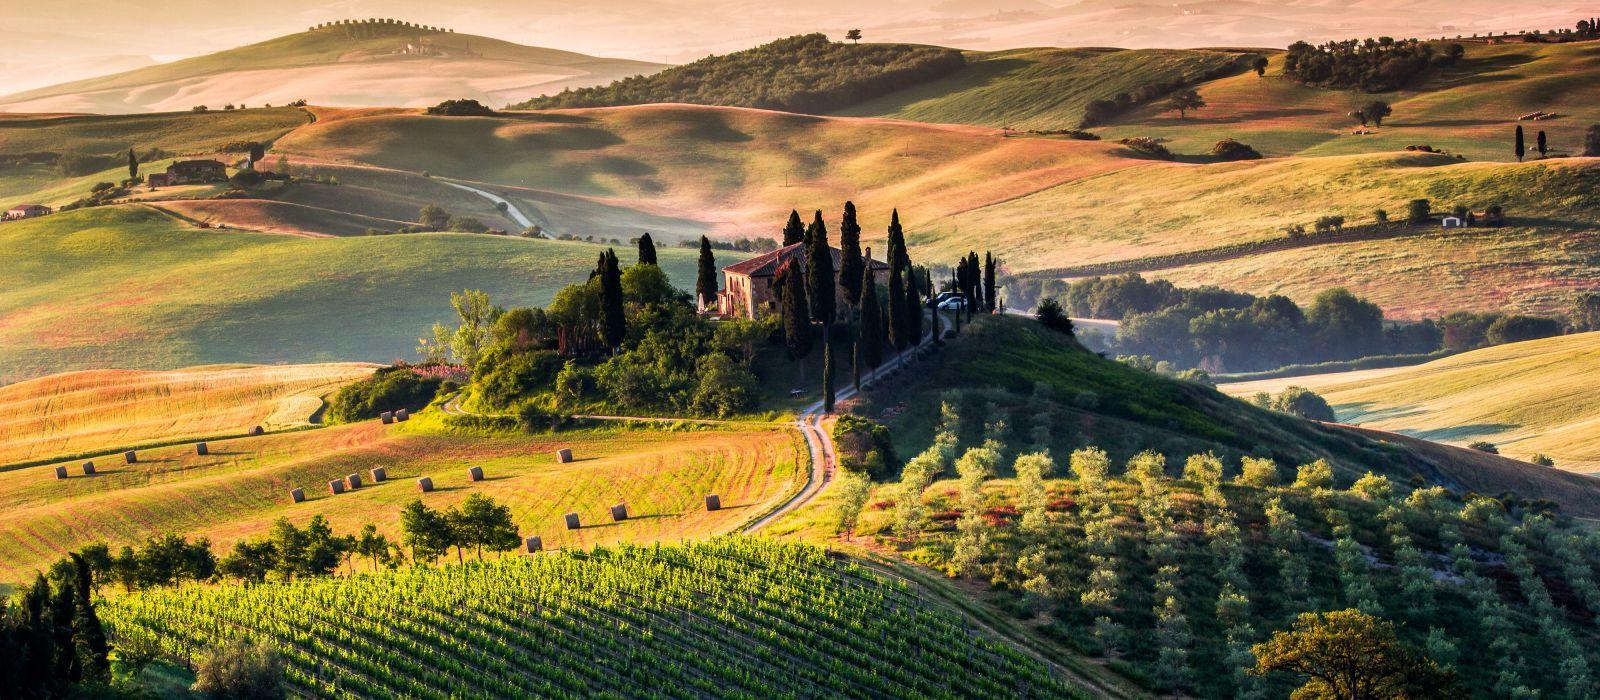 Destination Tuscany Italy